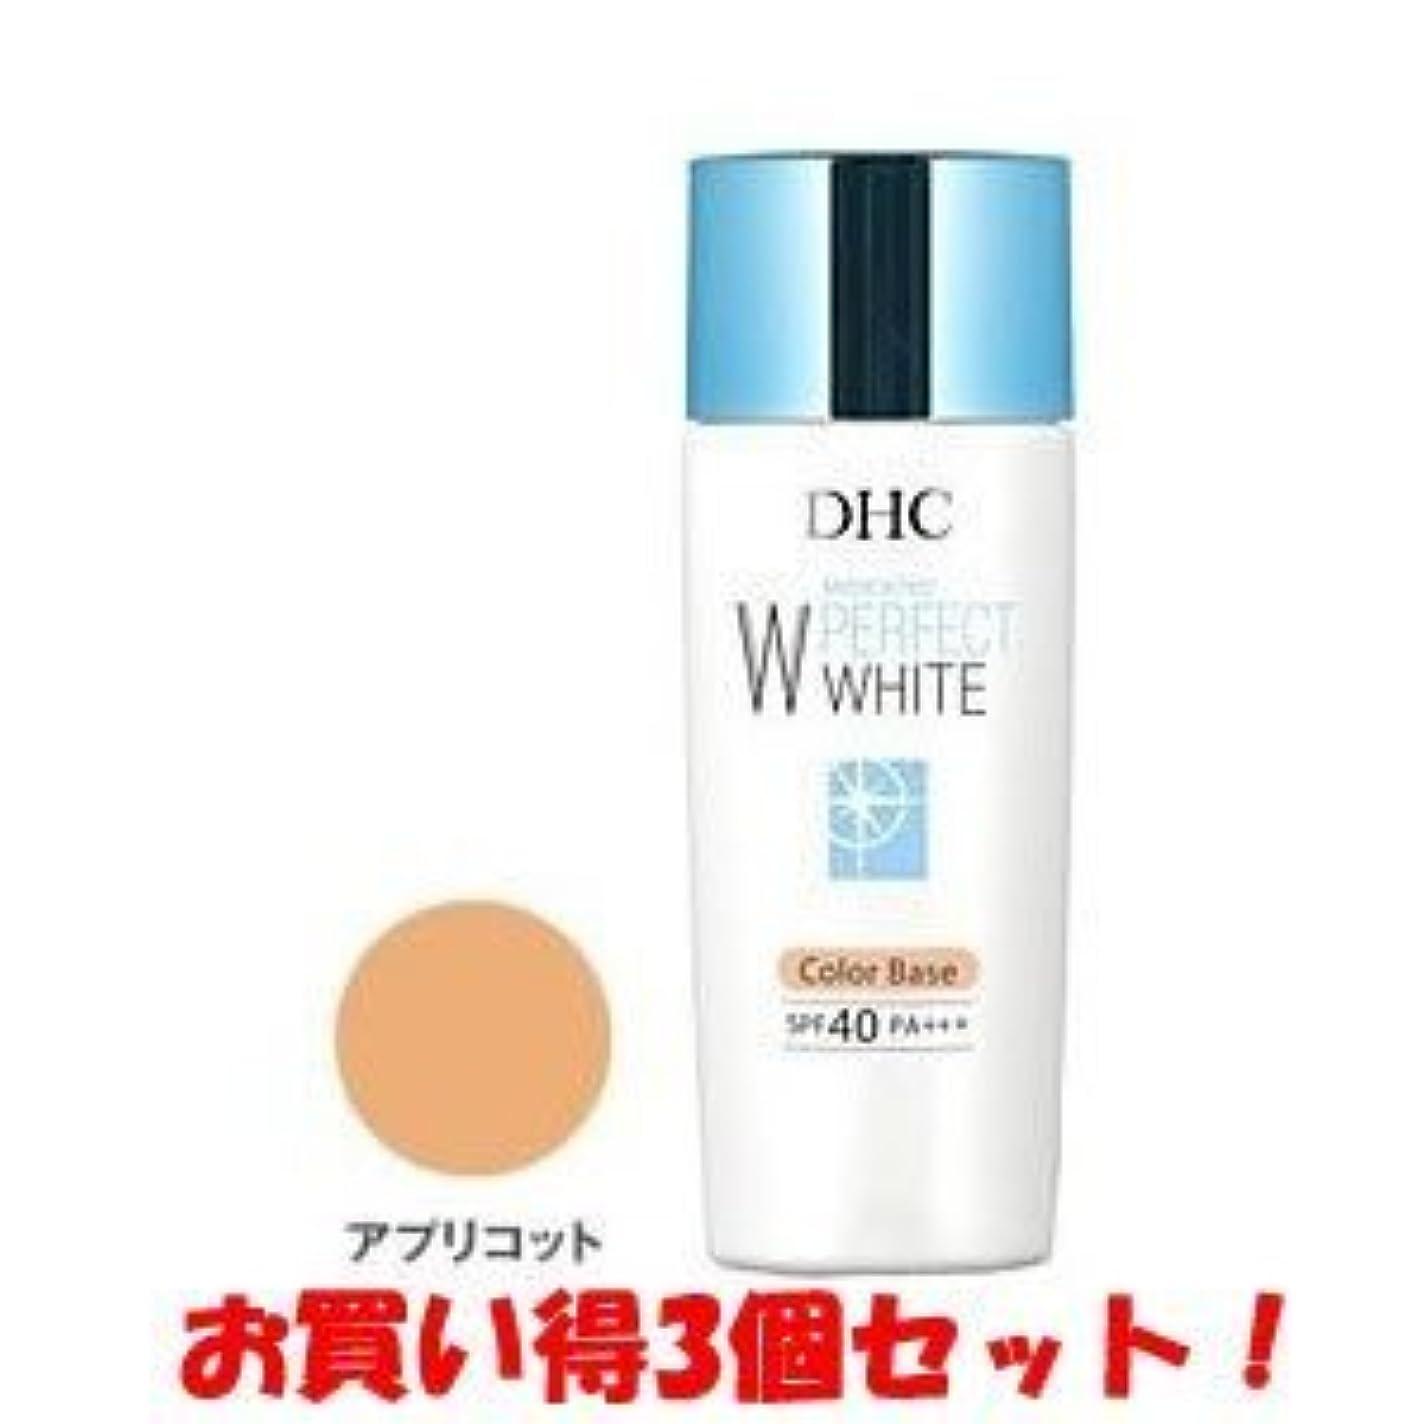 セグメントセブン複製DHC 薬用パーフェクトホワイト カラーベース アプリコット 30g(医薬部外品)(お買い得3個セット)